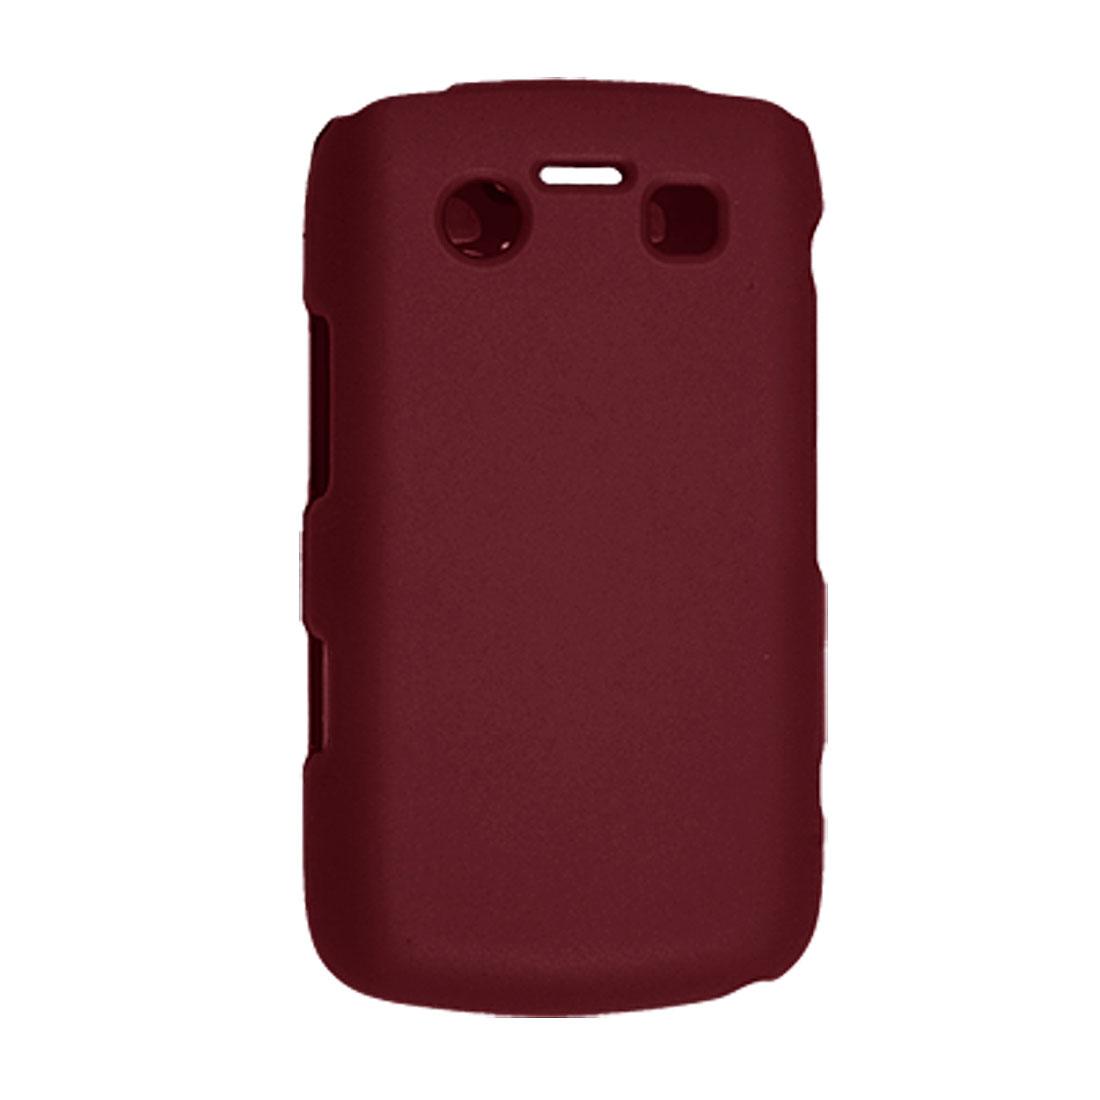 For Blackberry 9700 Hard Plastic Rubberized Dark Red Case Skin Shell